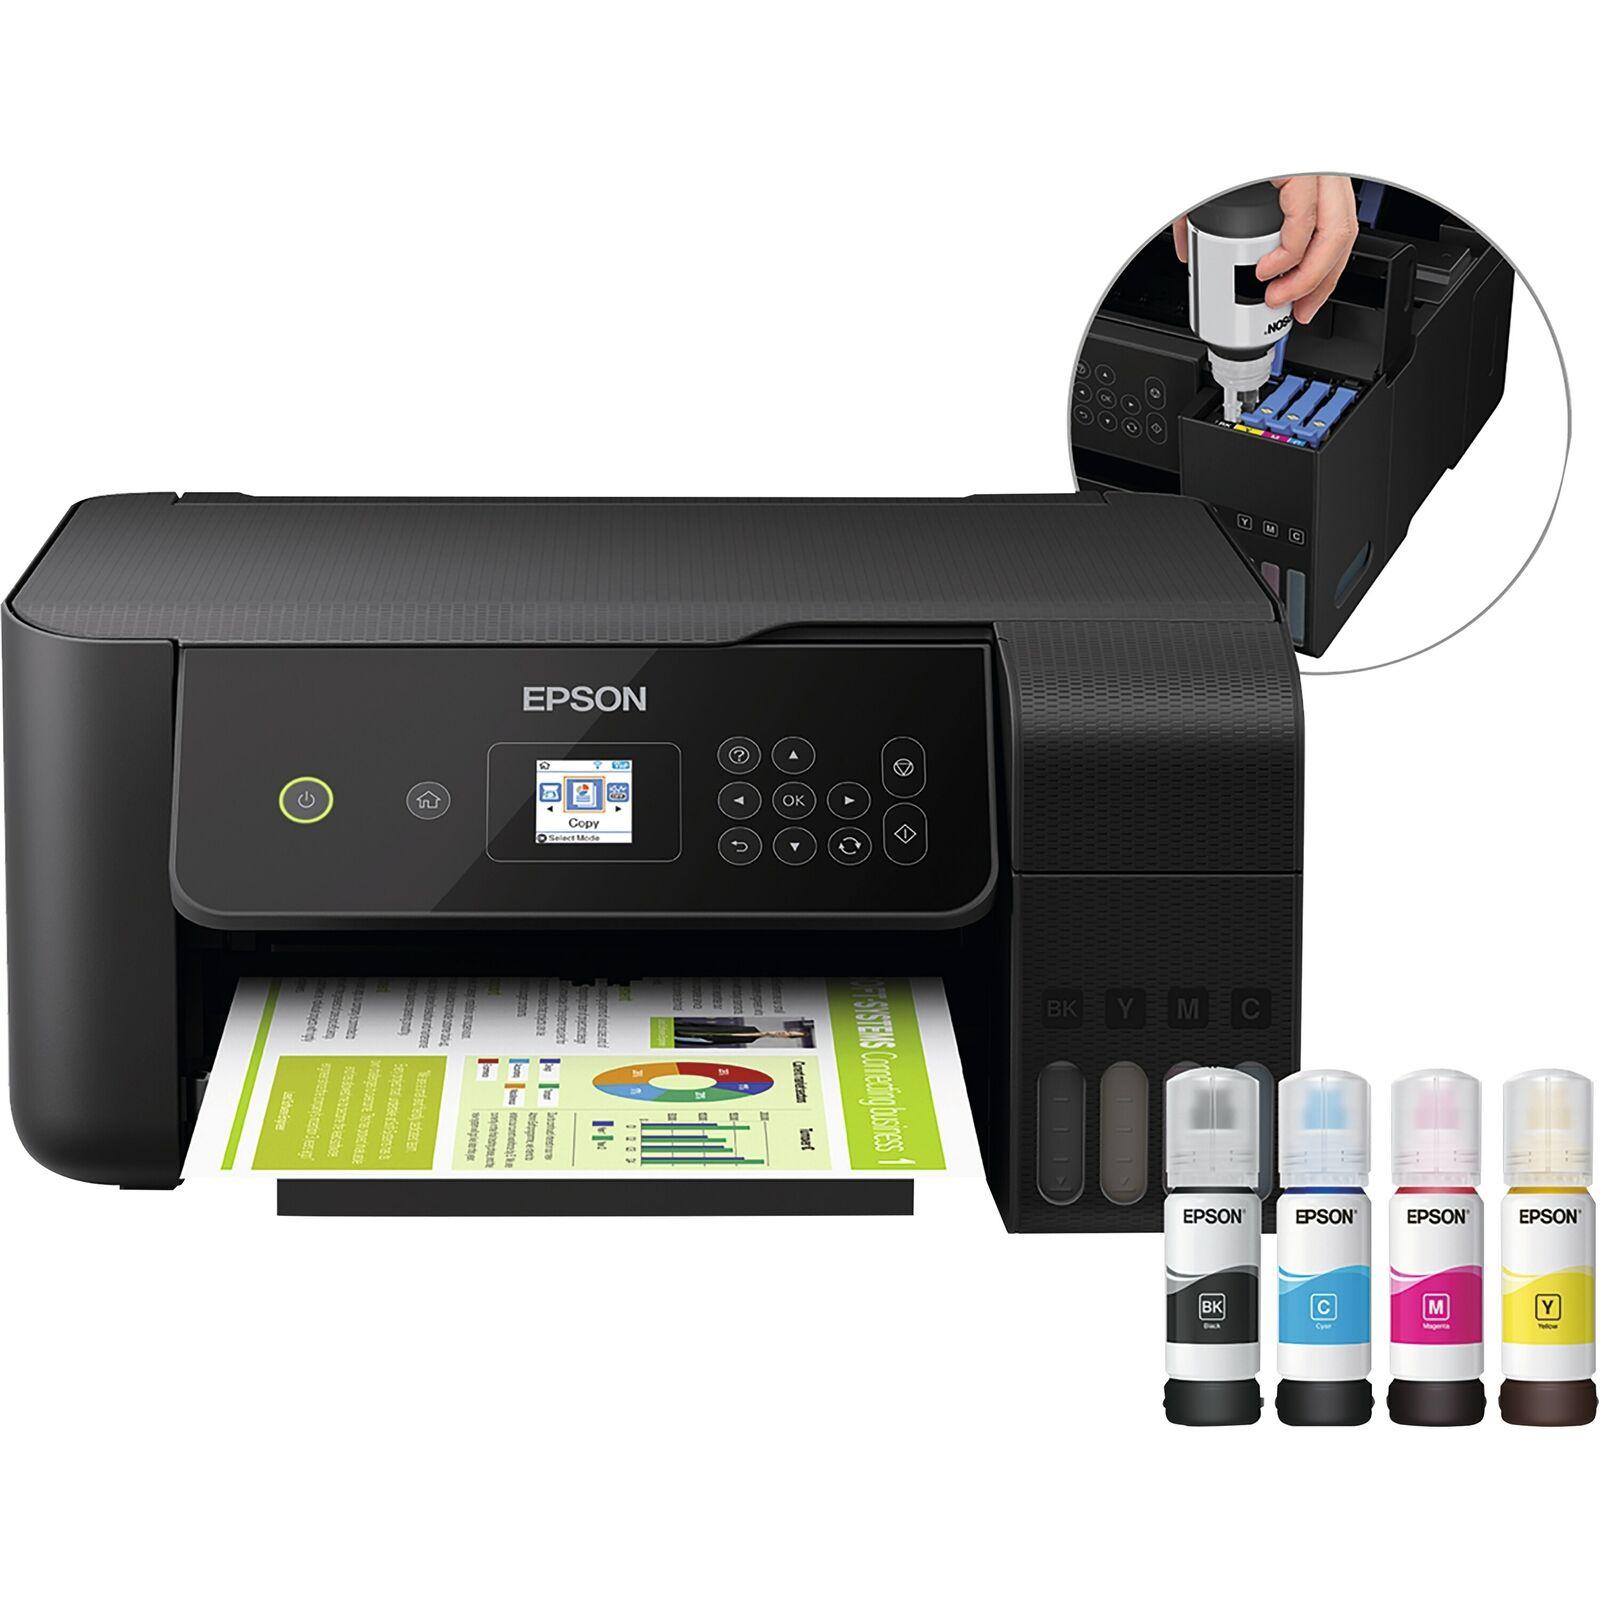 Bild zu 3in1 Drucker Epson EcoTank ET 2720 für 175,42€ (Vergleich: 219,51€)